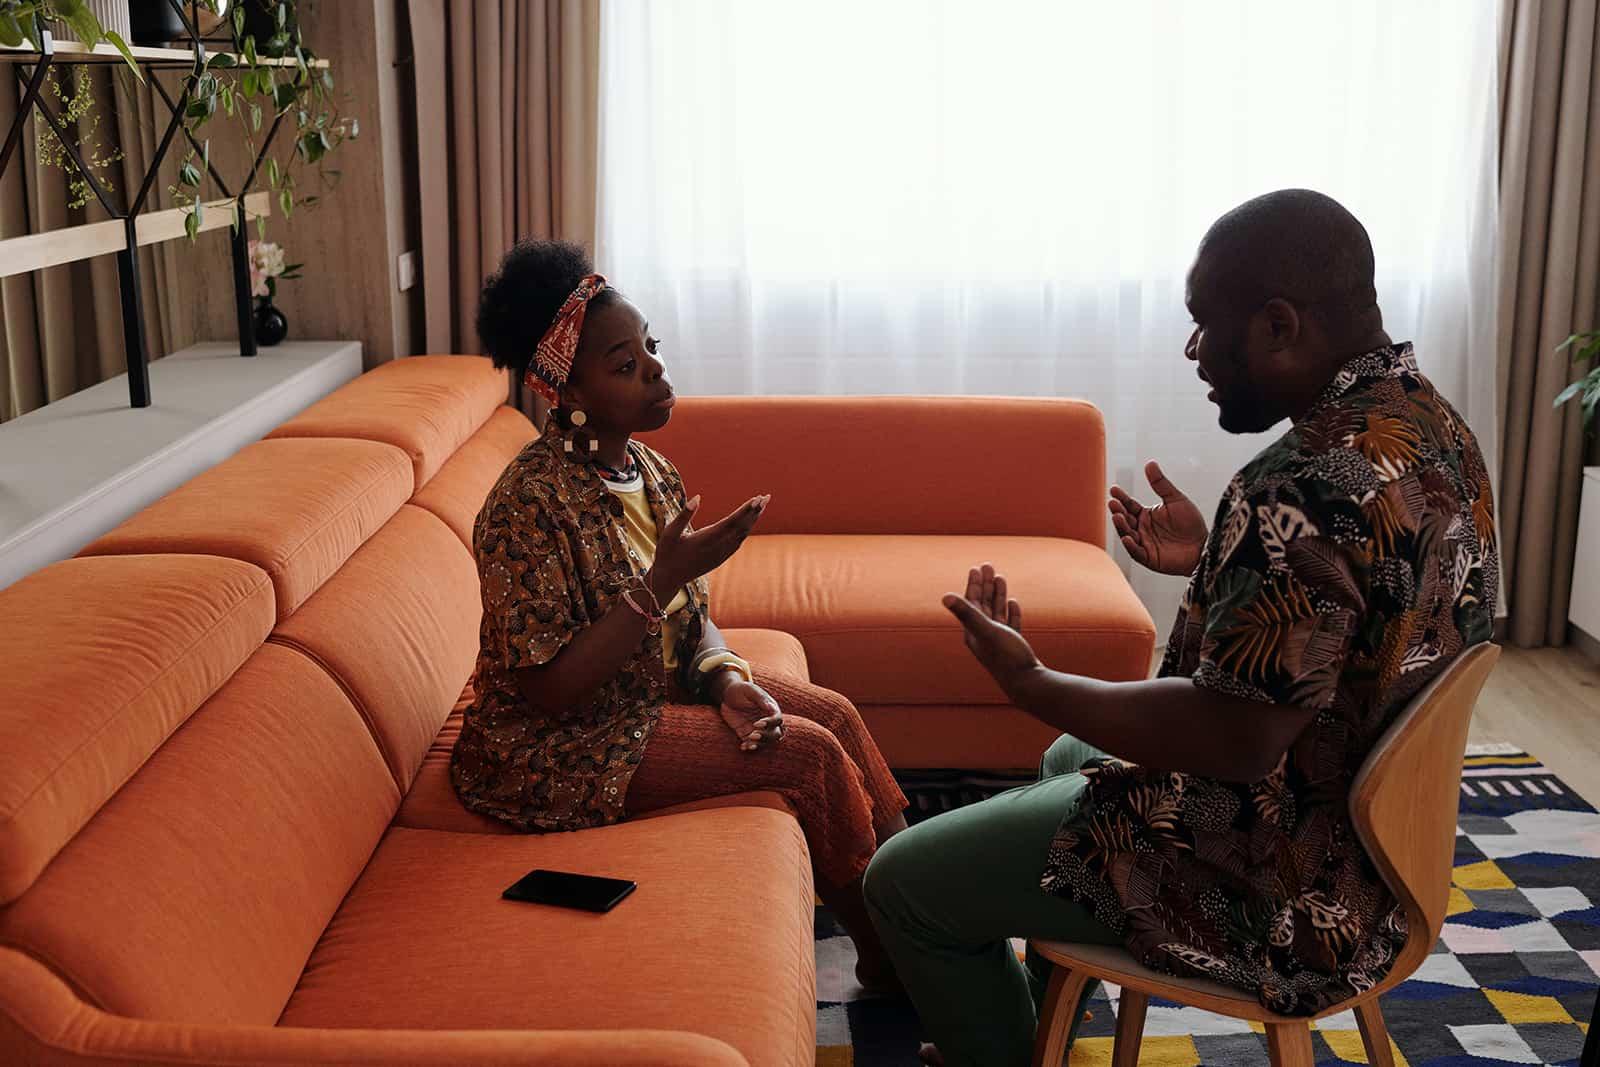 Ein Mann und eine Frau haben eine Diskussion im Wohnzimmer